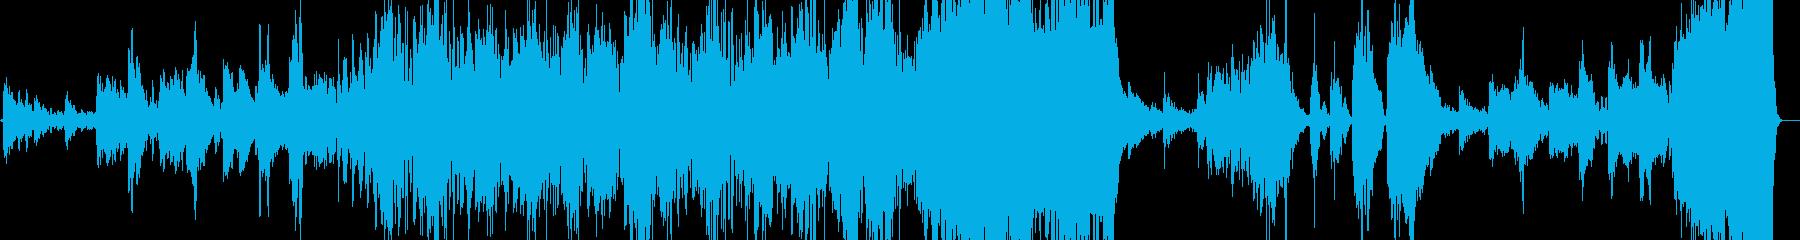 自分の指針「羅針盤」を胸に進む音楽の再生済みの波形